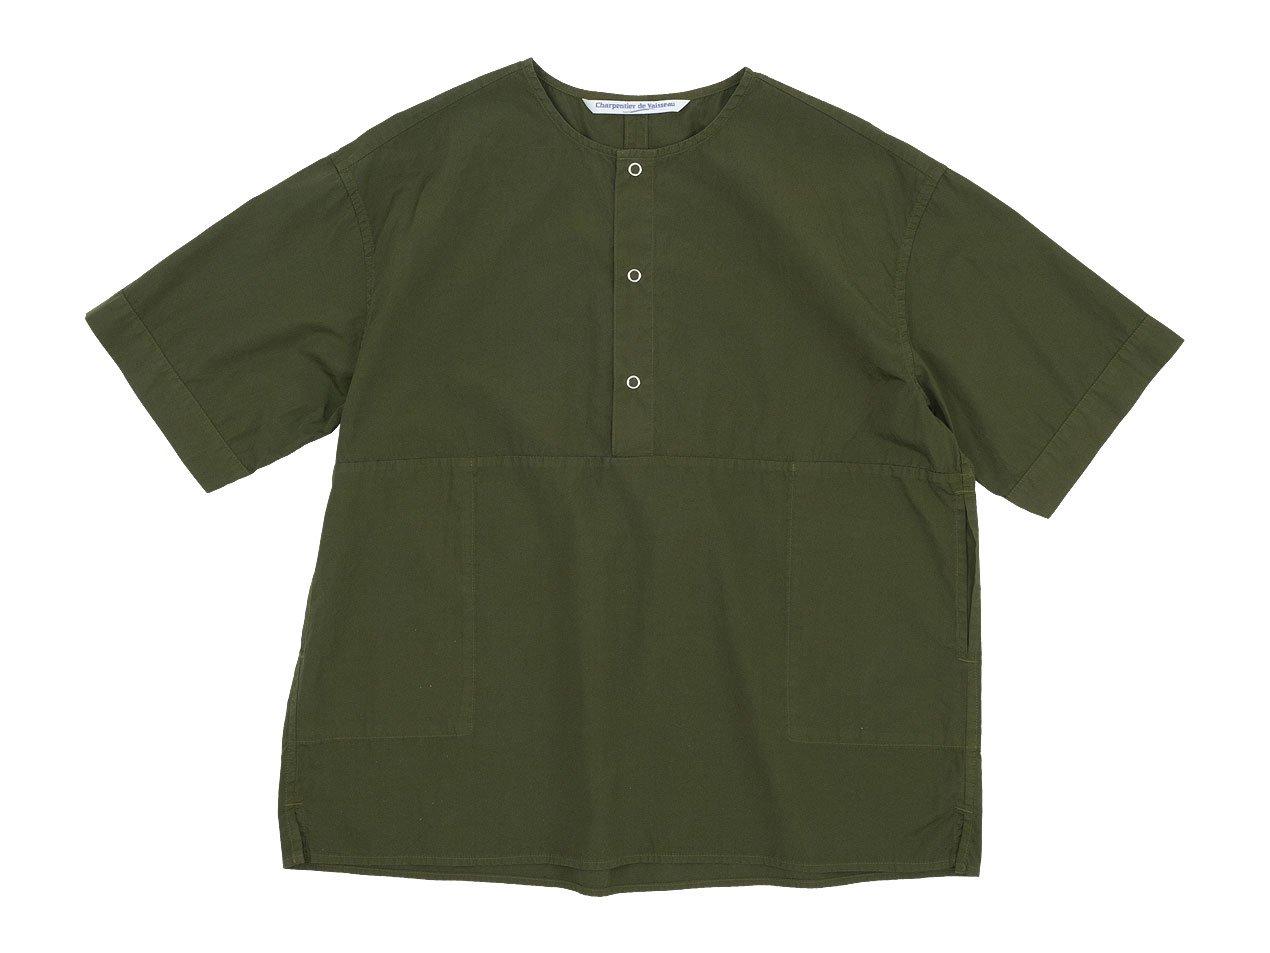 Charpentier de Vaisseau Selma Front Button Short Sleeve Shirts OLIVE